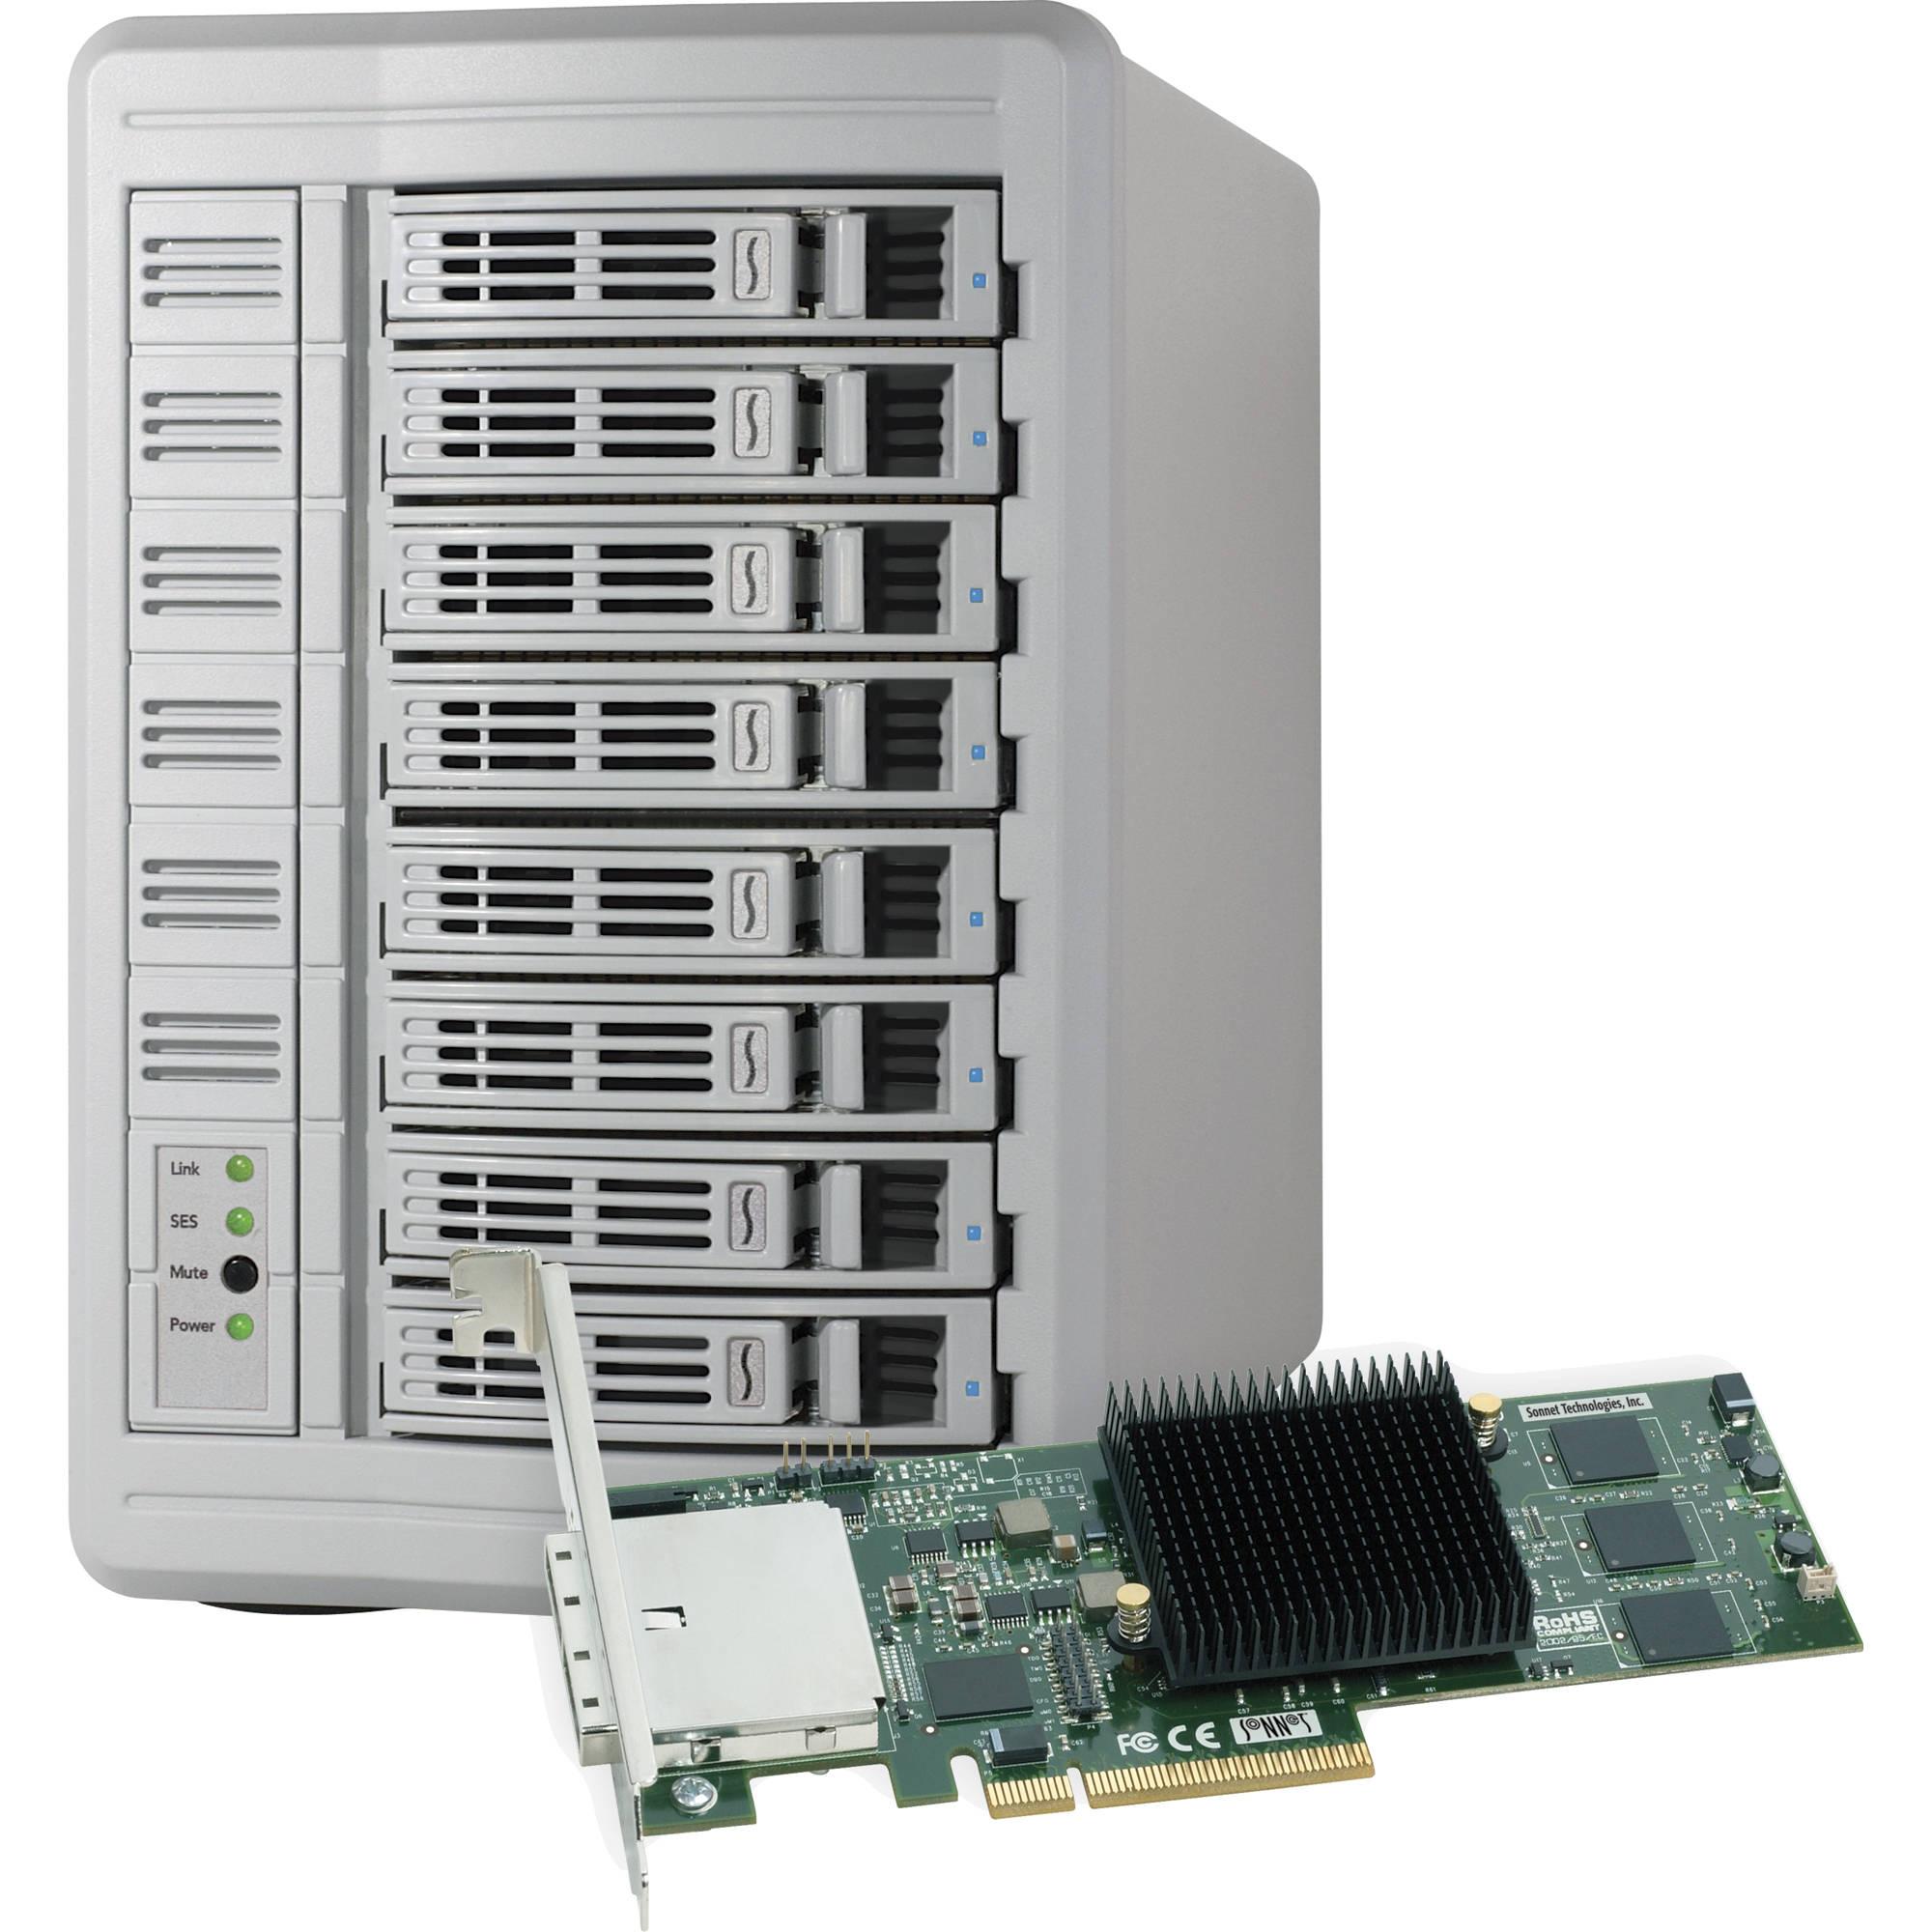 SONNET Fusion DX800 RAID (Desktop unit) inc PCIe RAID Controller